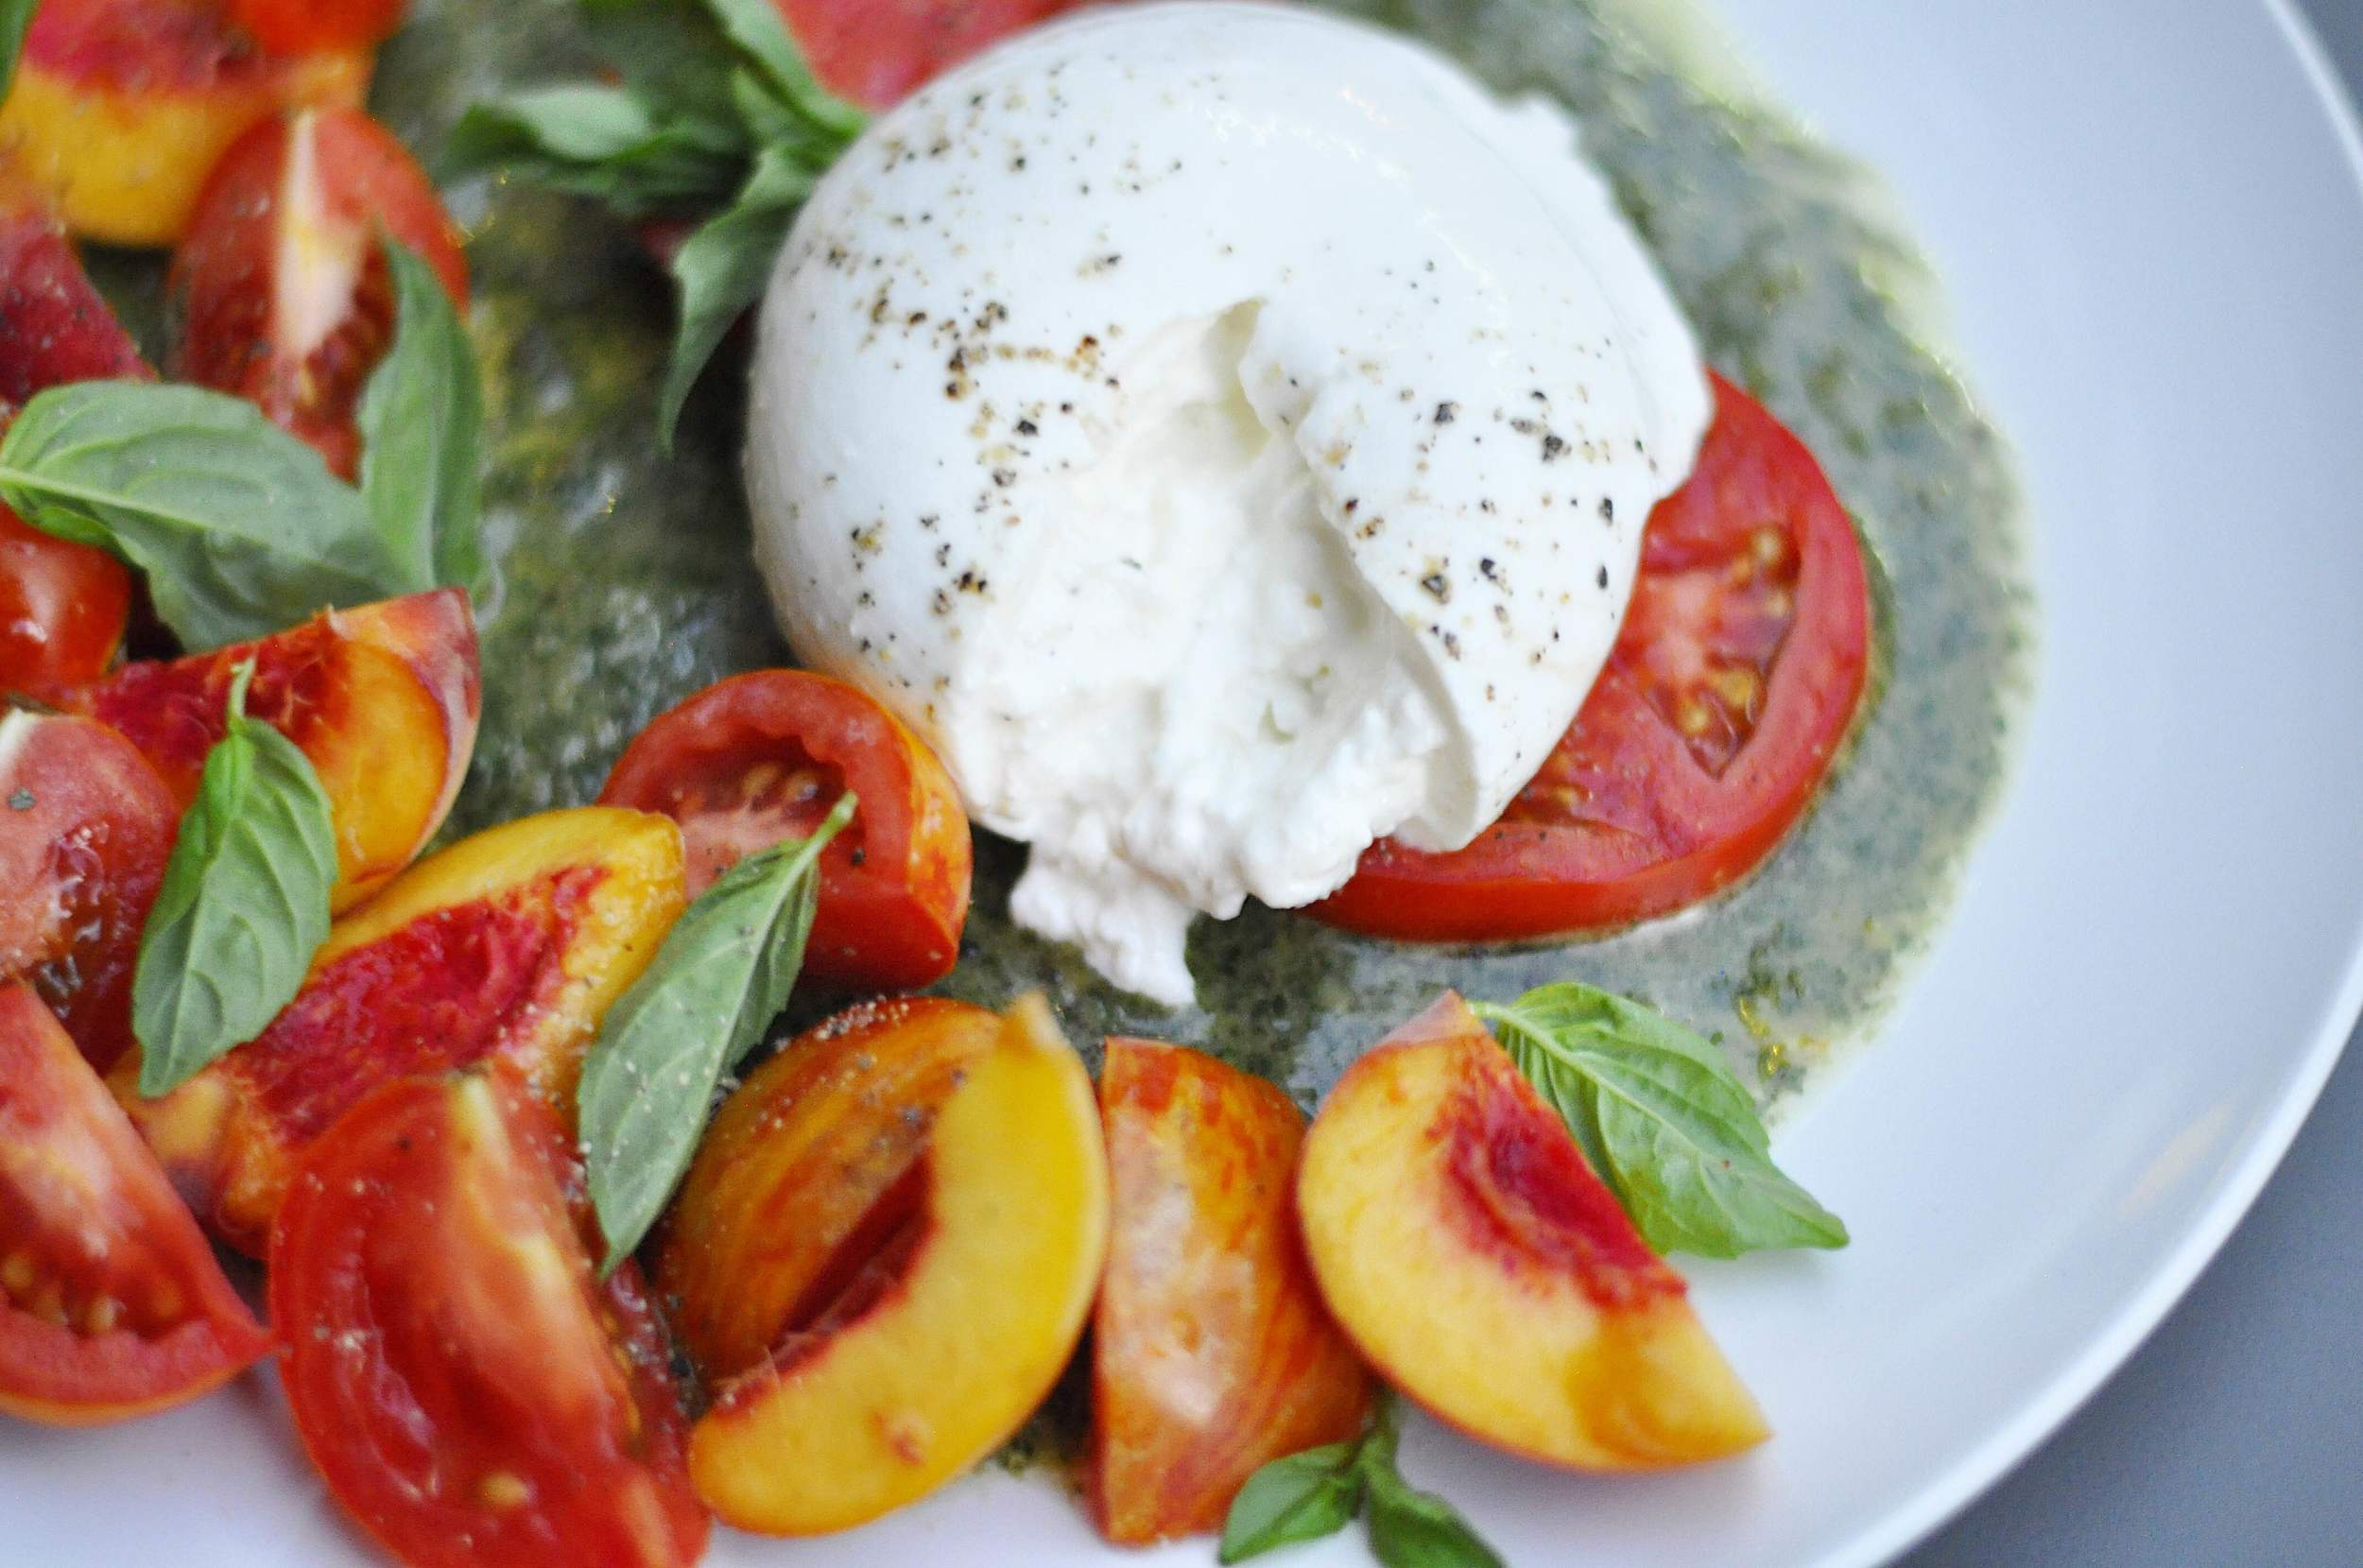 Burrata Peach and Tomato Salad Recipe